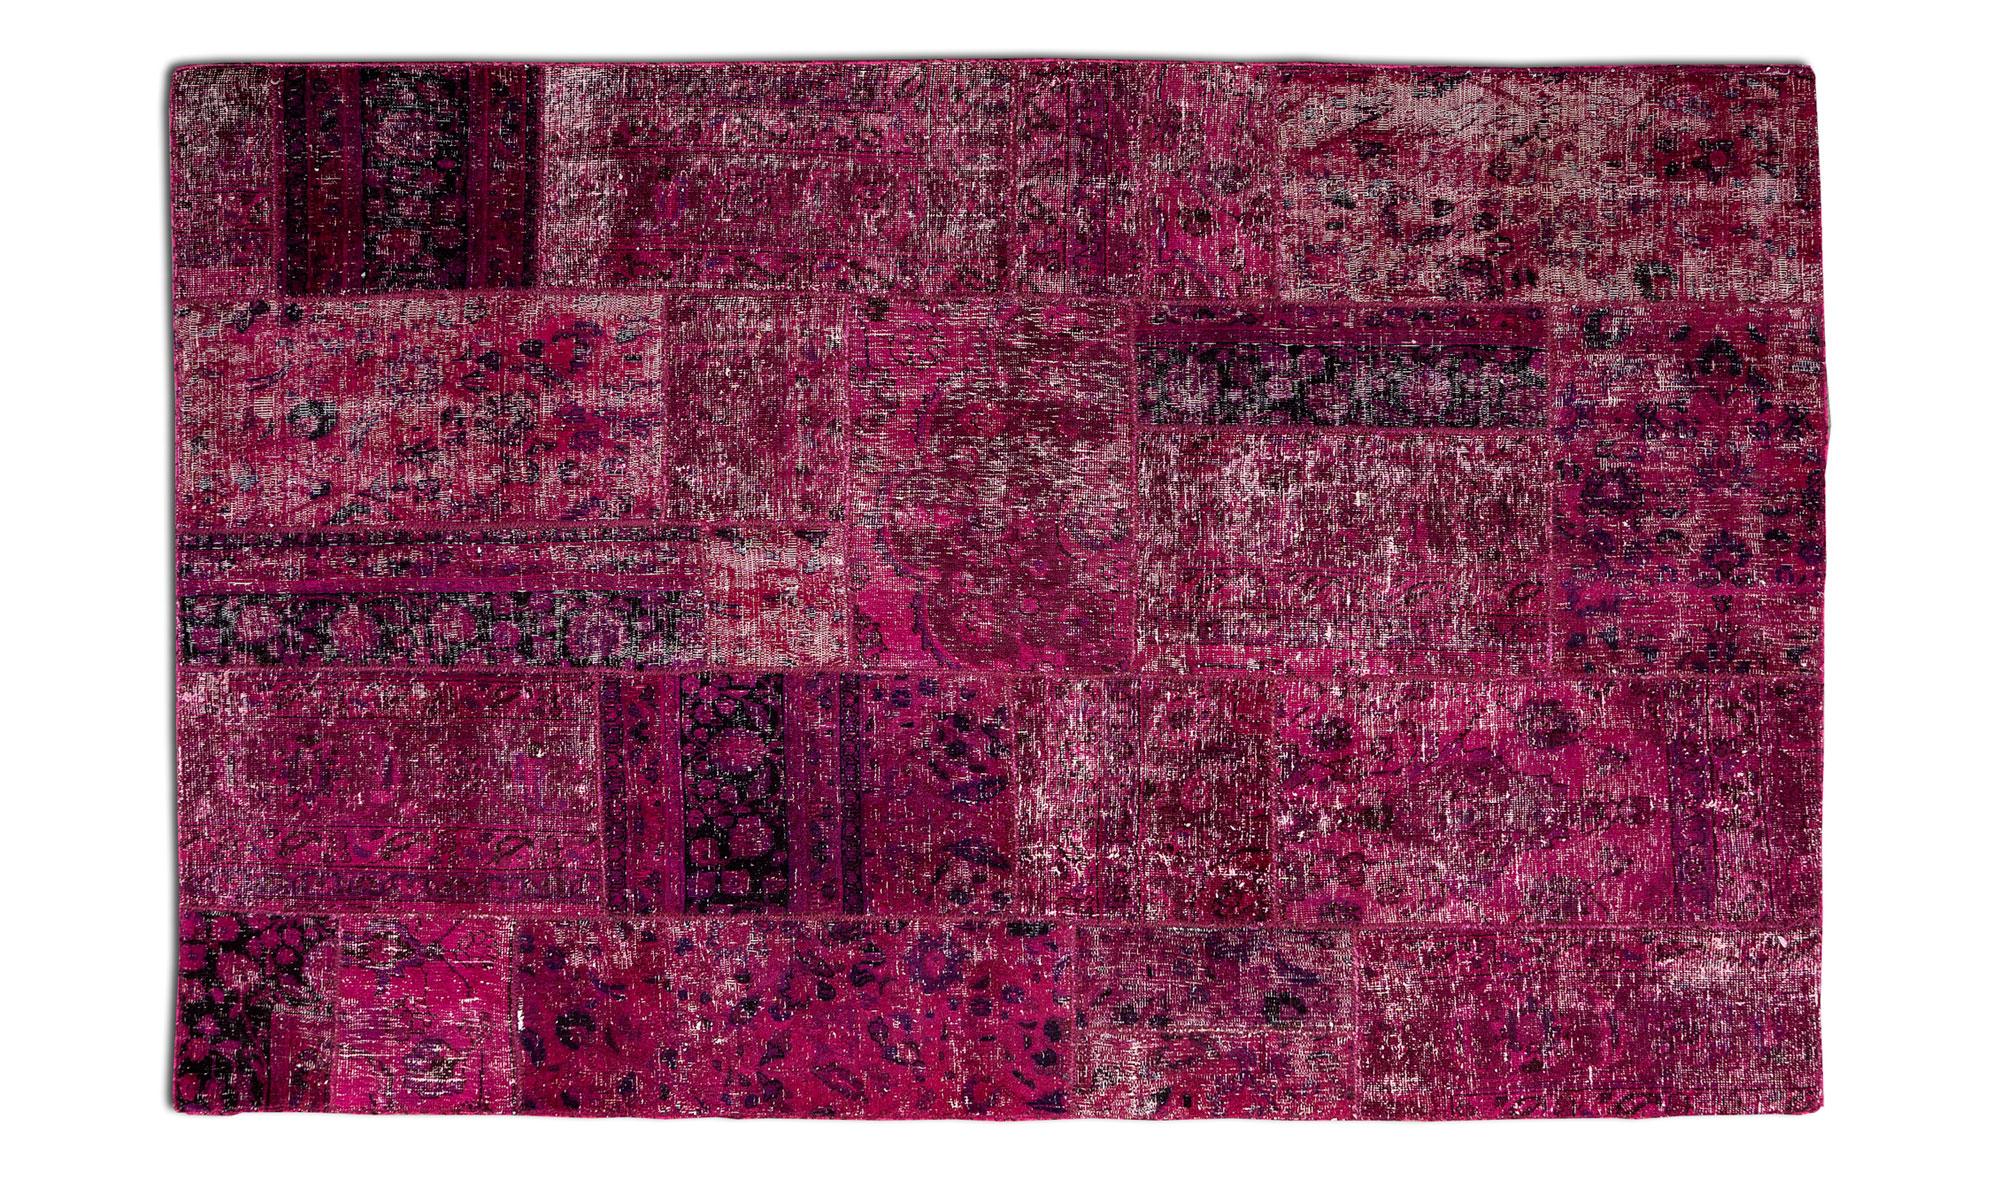 Alfombra patchwork rosa grace en dec shop for Alfombras patchwork persas